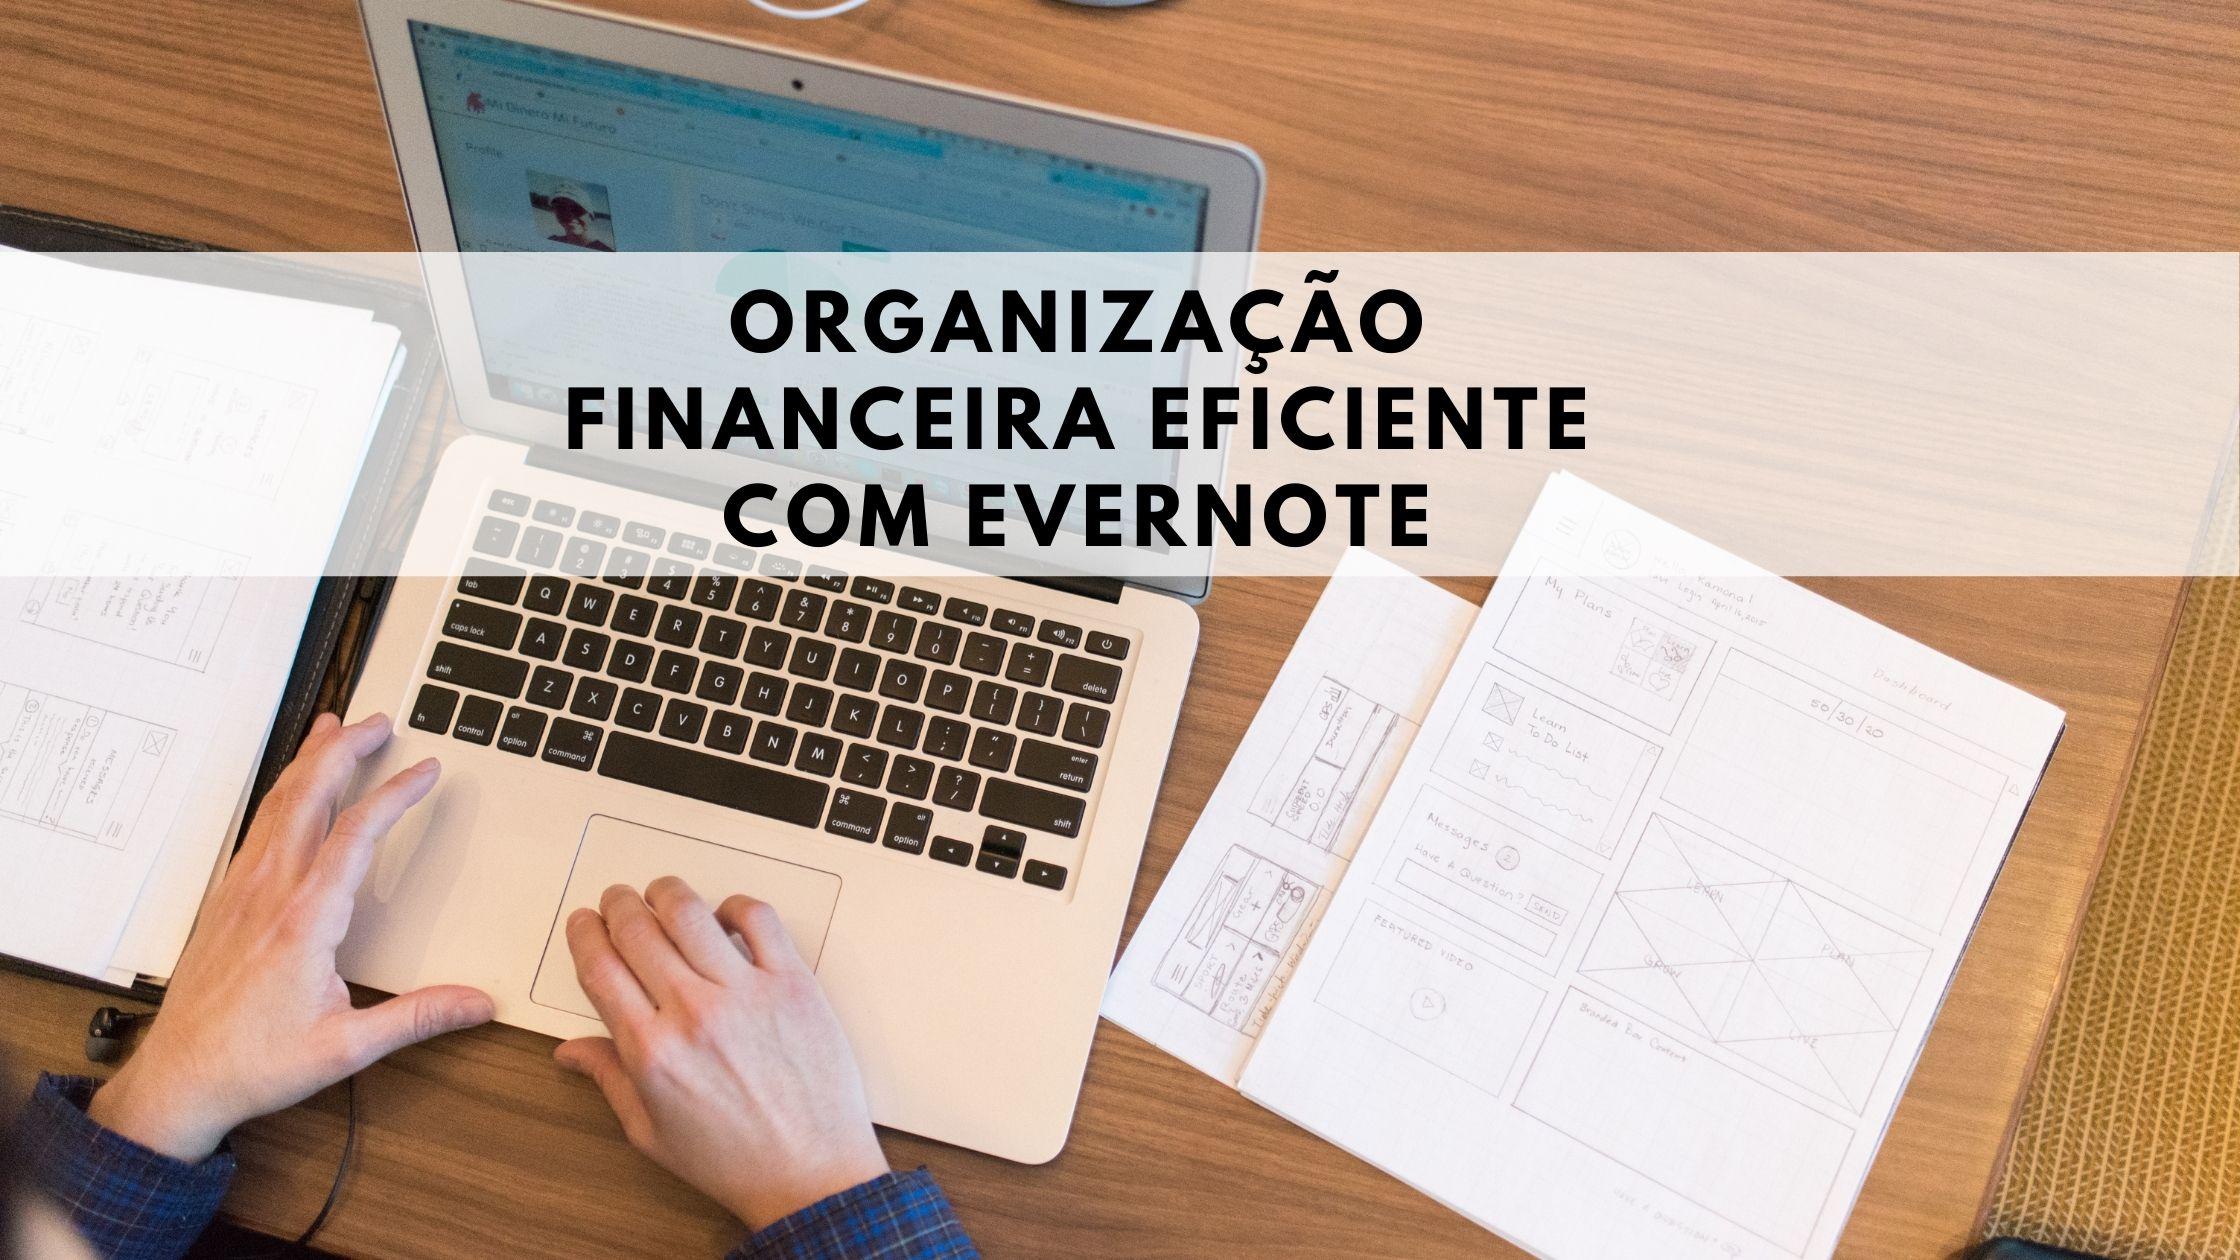 Organização financeira fácil e prática com o Evernote